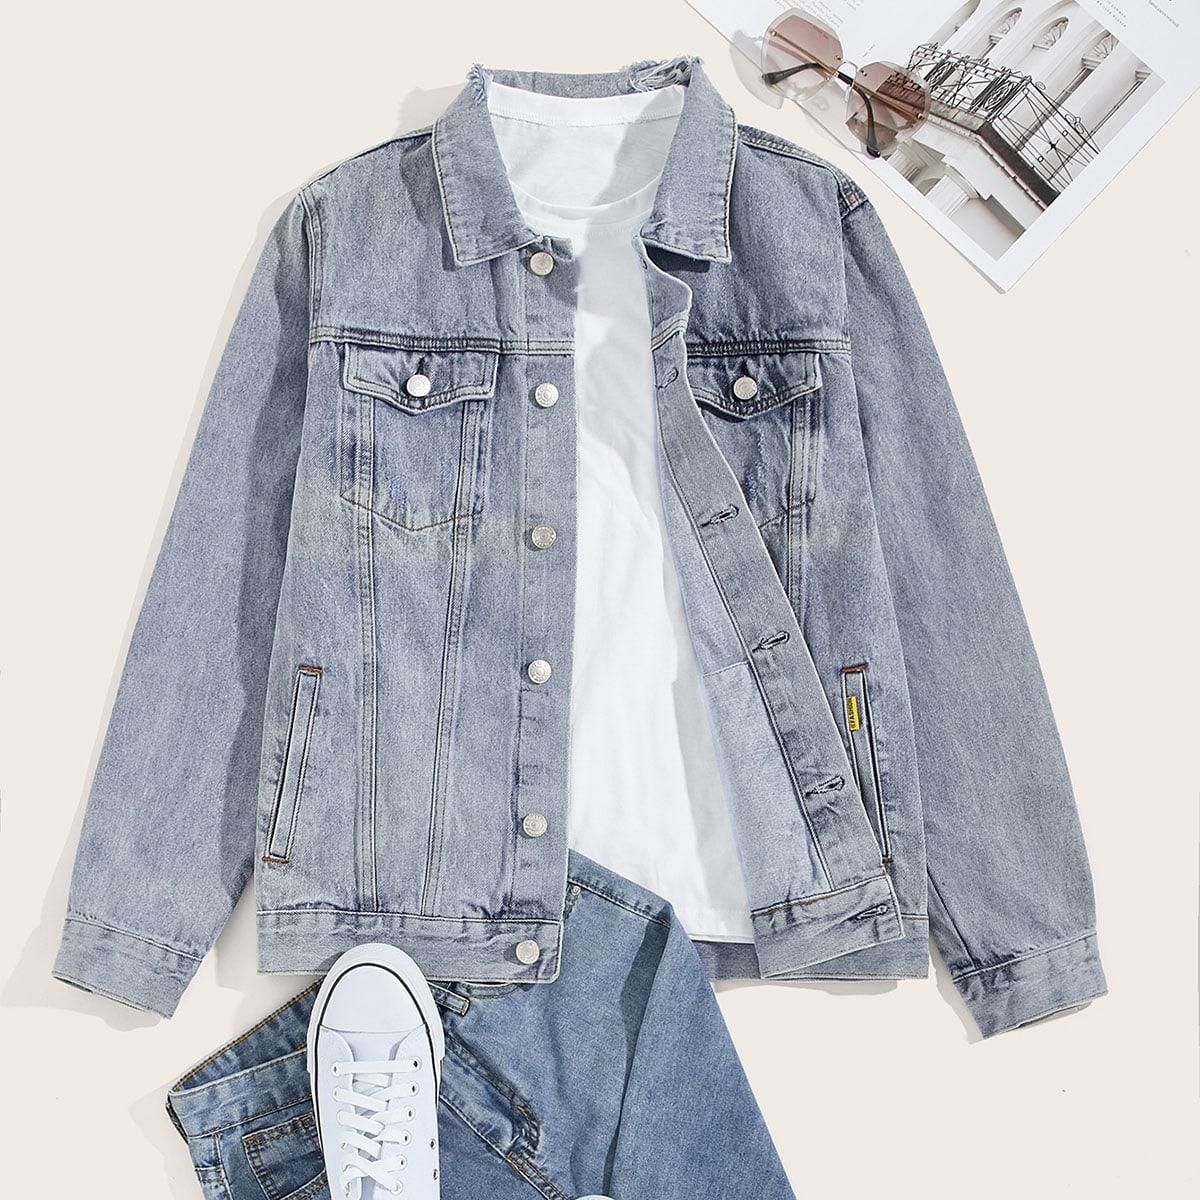 Blauw Casual Vlak Heren Jeans jassen Zak